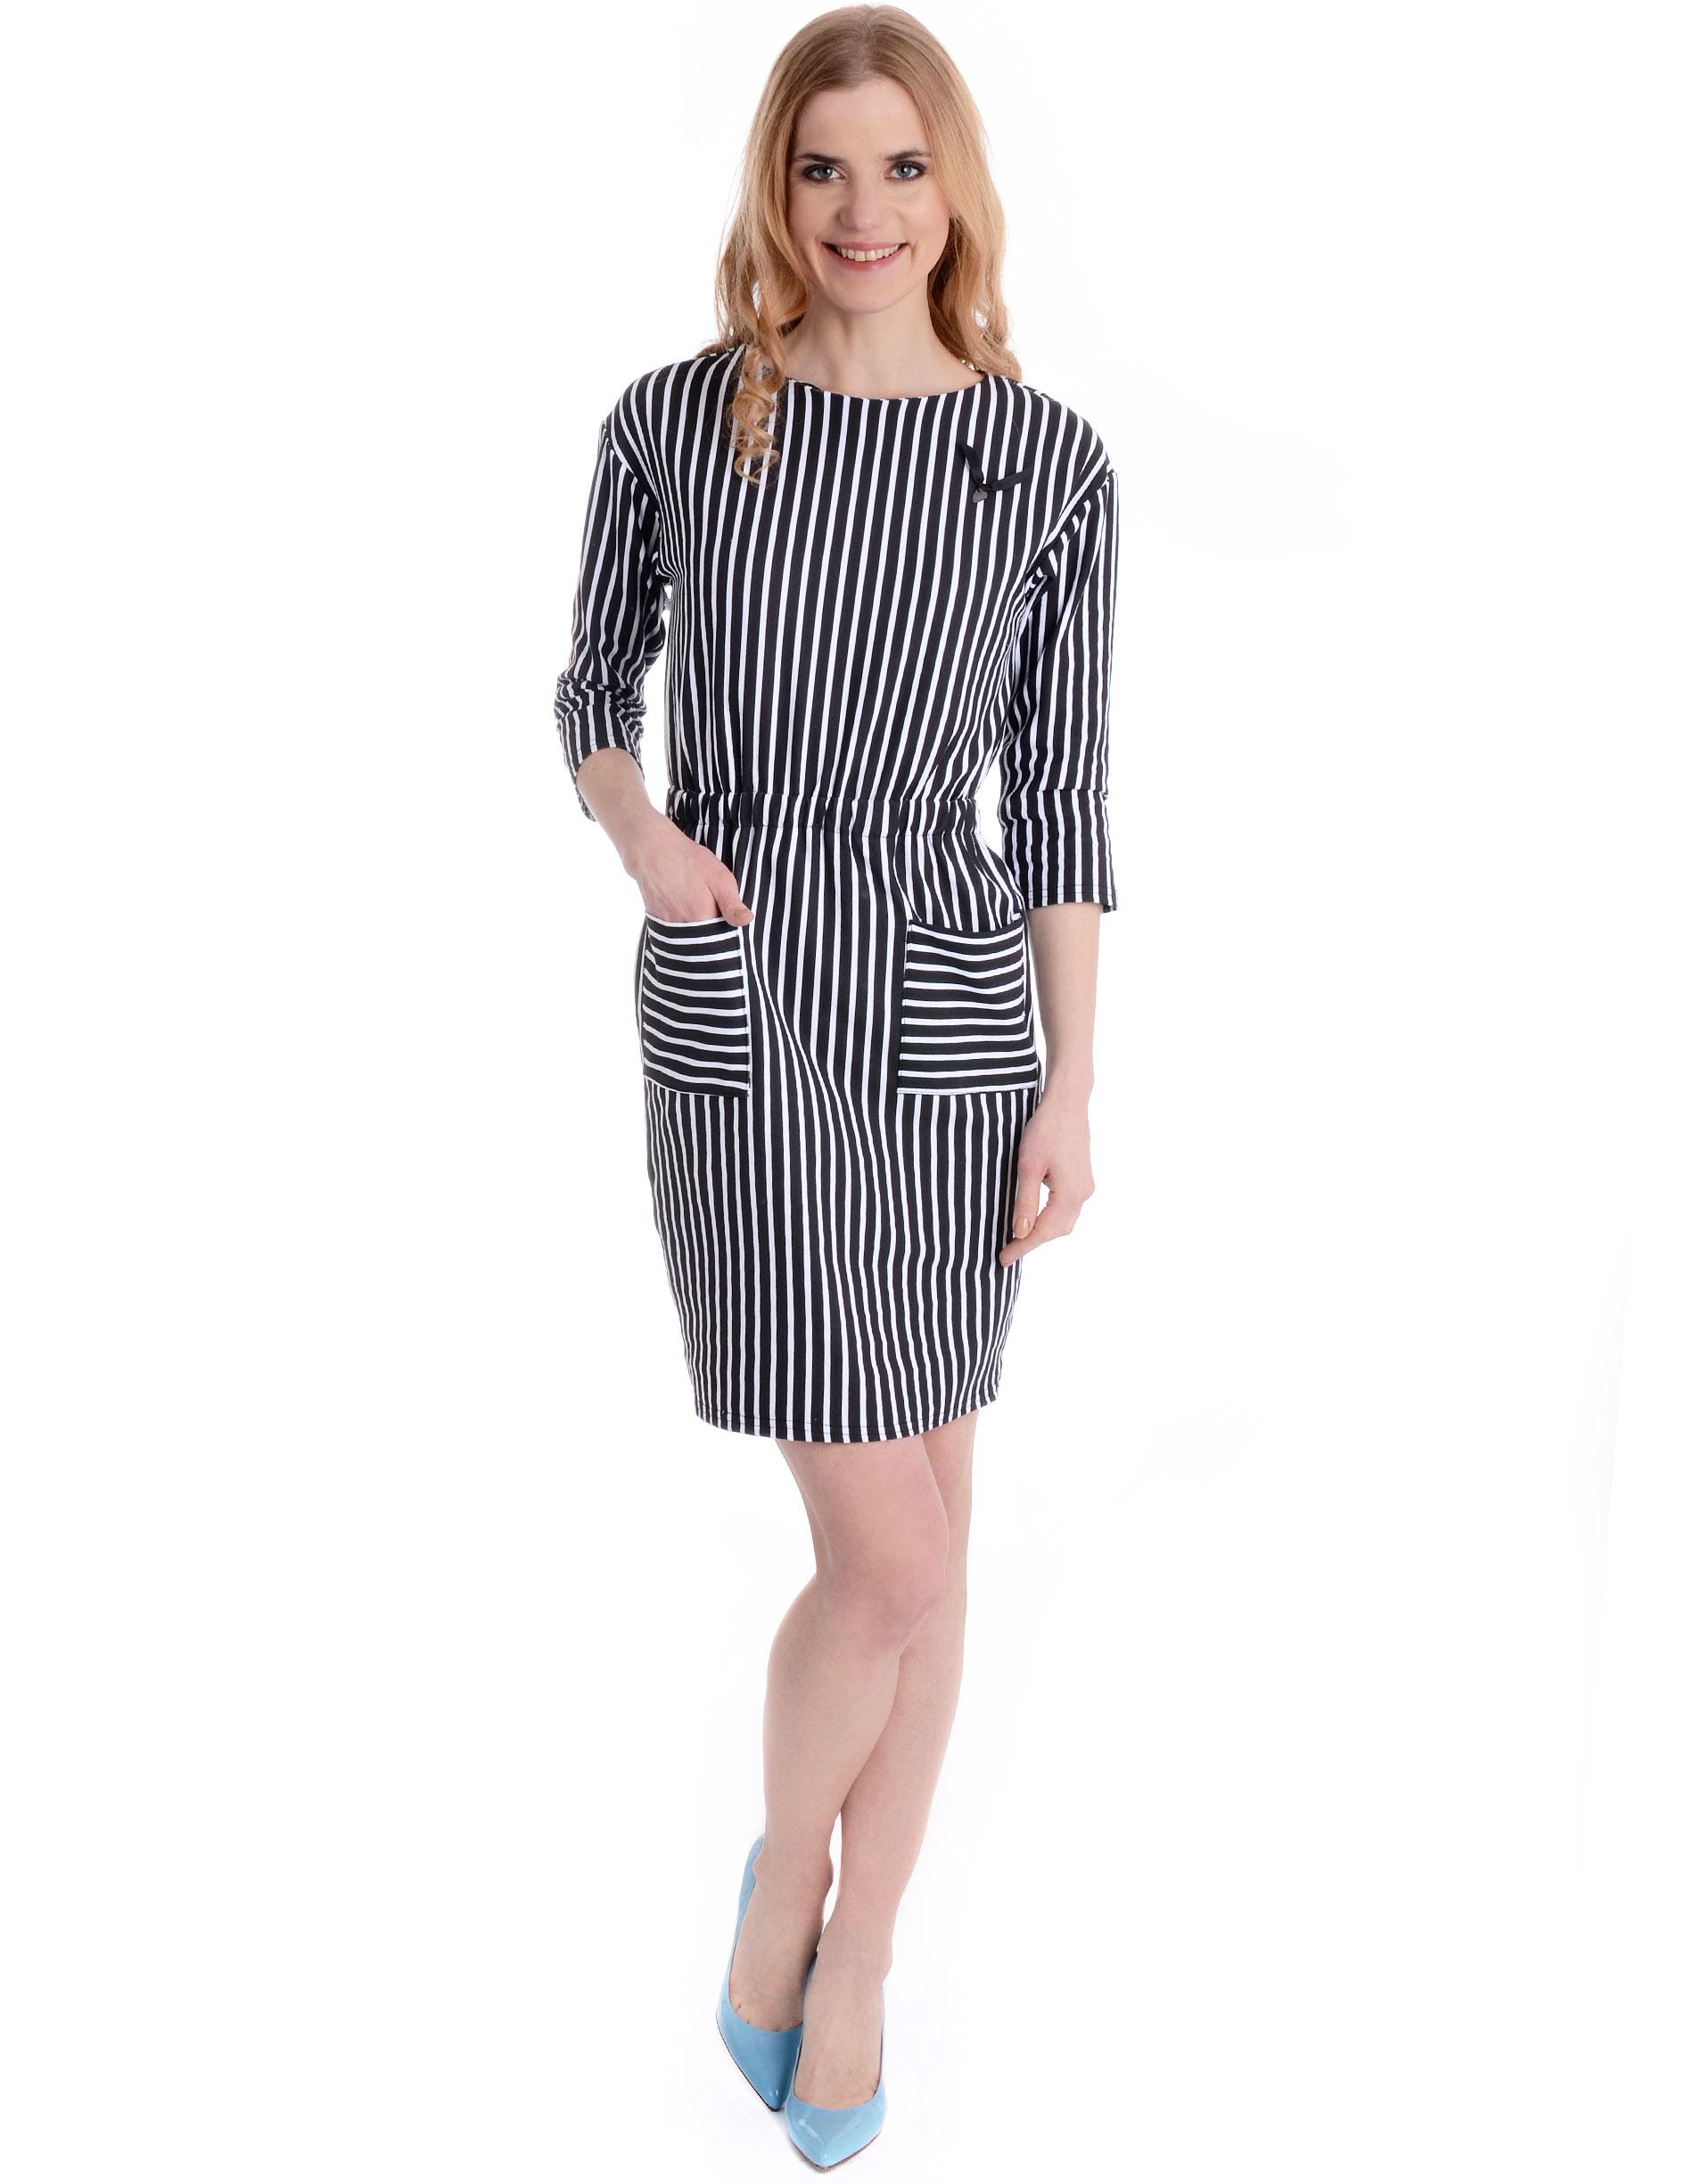 Sukienka - 90-6575 BI-NE - Unisono